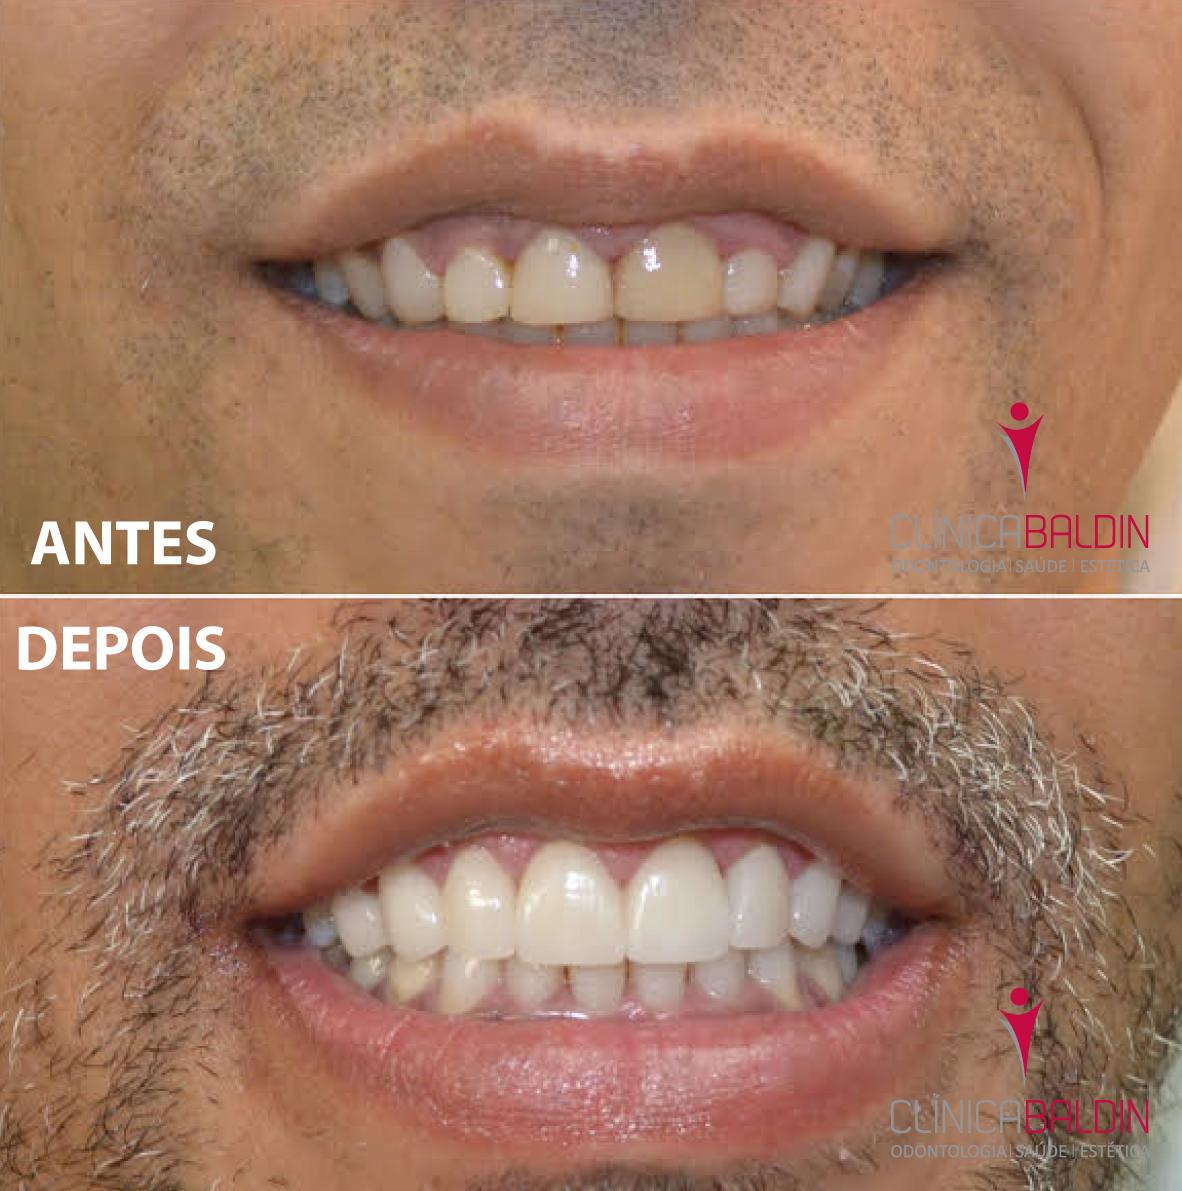 sorriso totalmente reabilitado pela associação de tratamentos gengiva/dentes